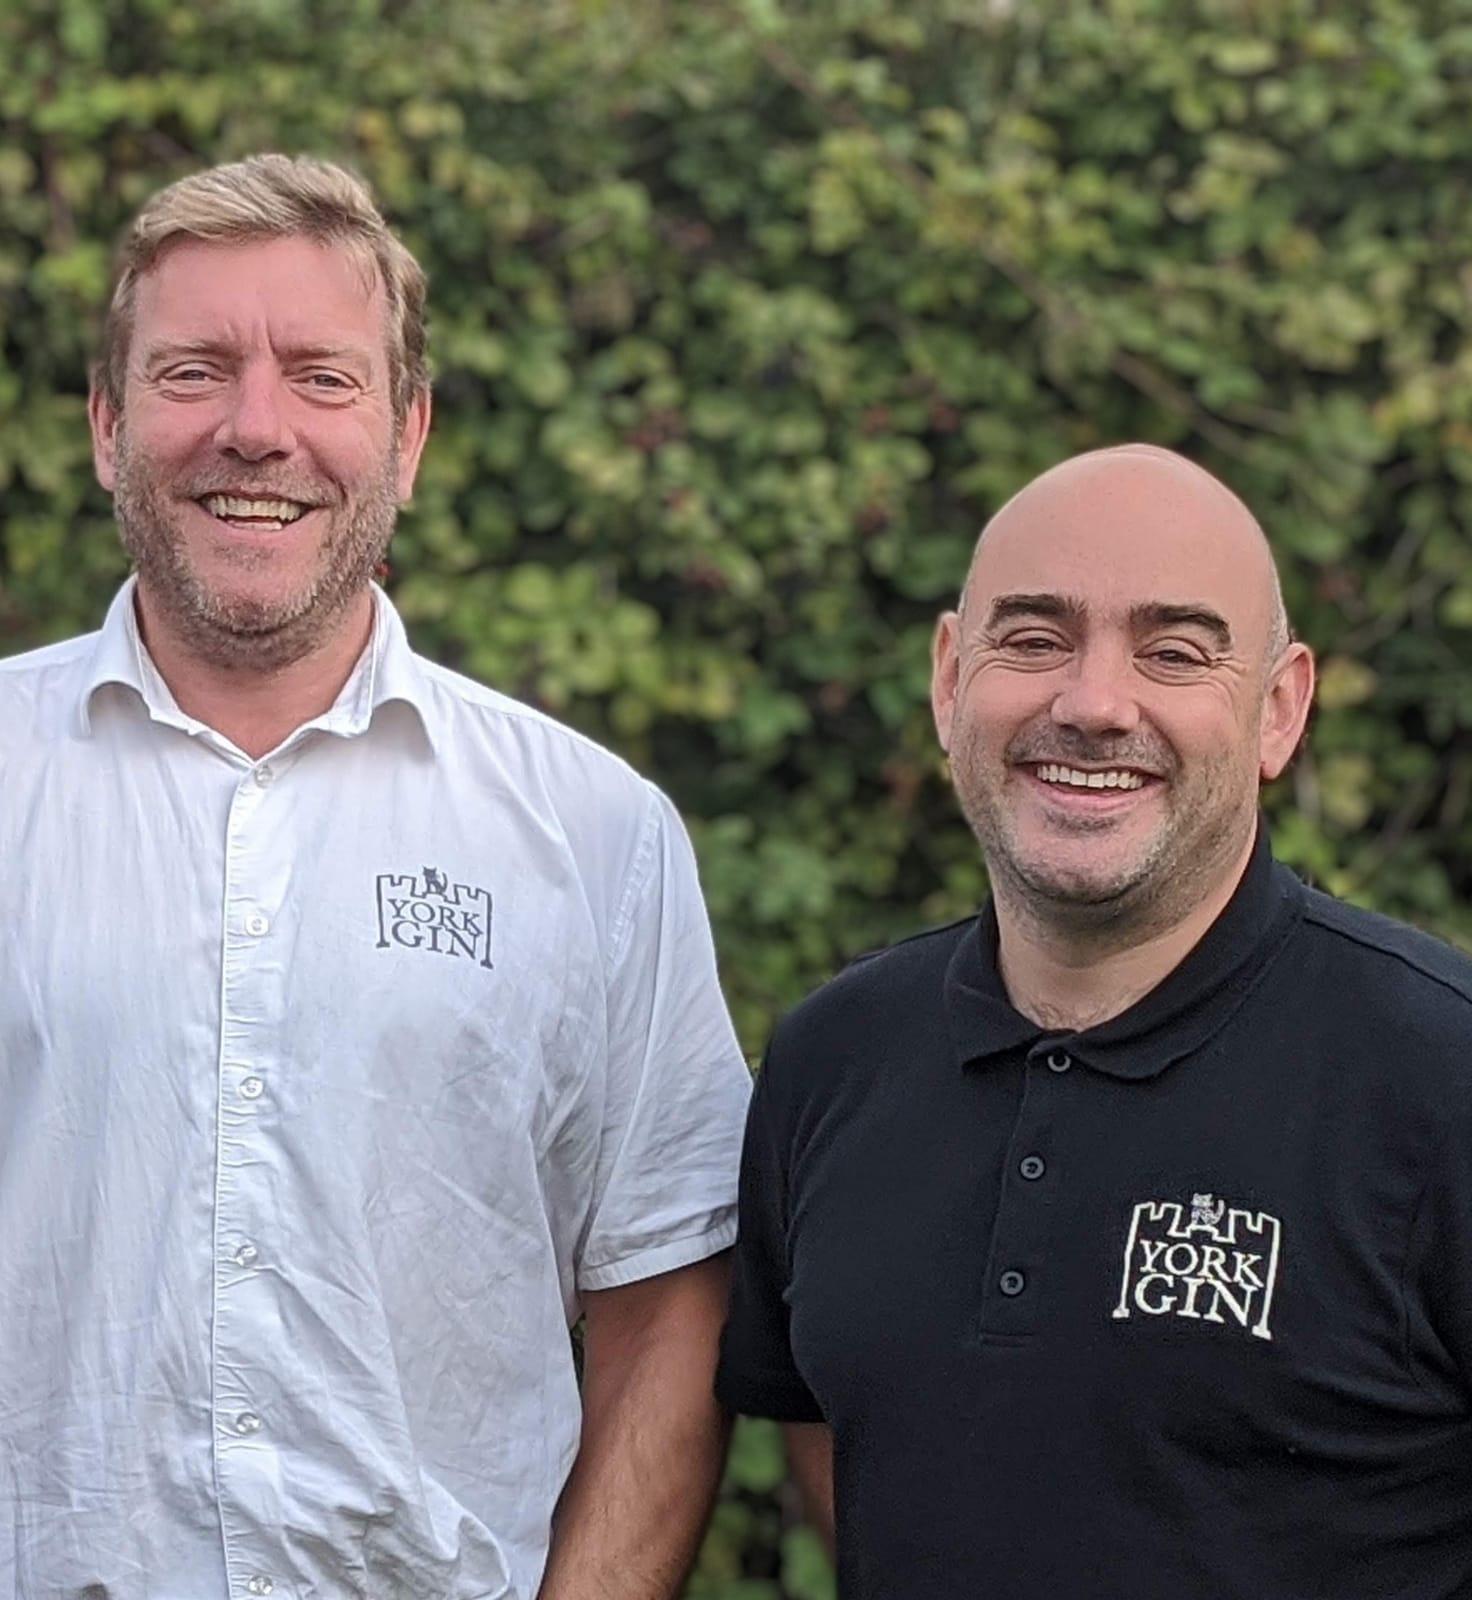 Pete McNichol L and Adam Cook R of York Gin